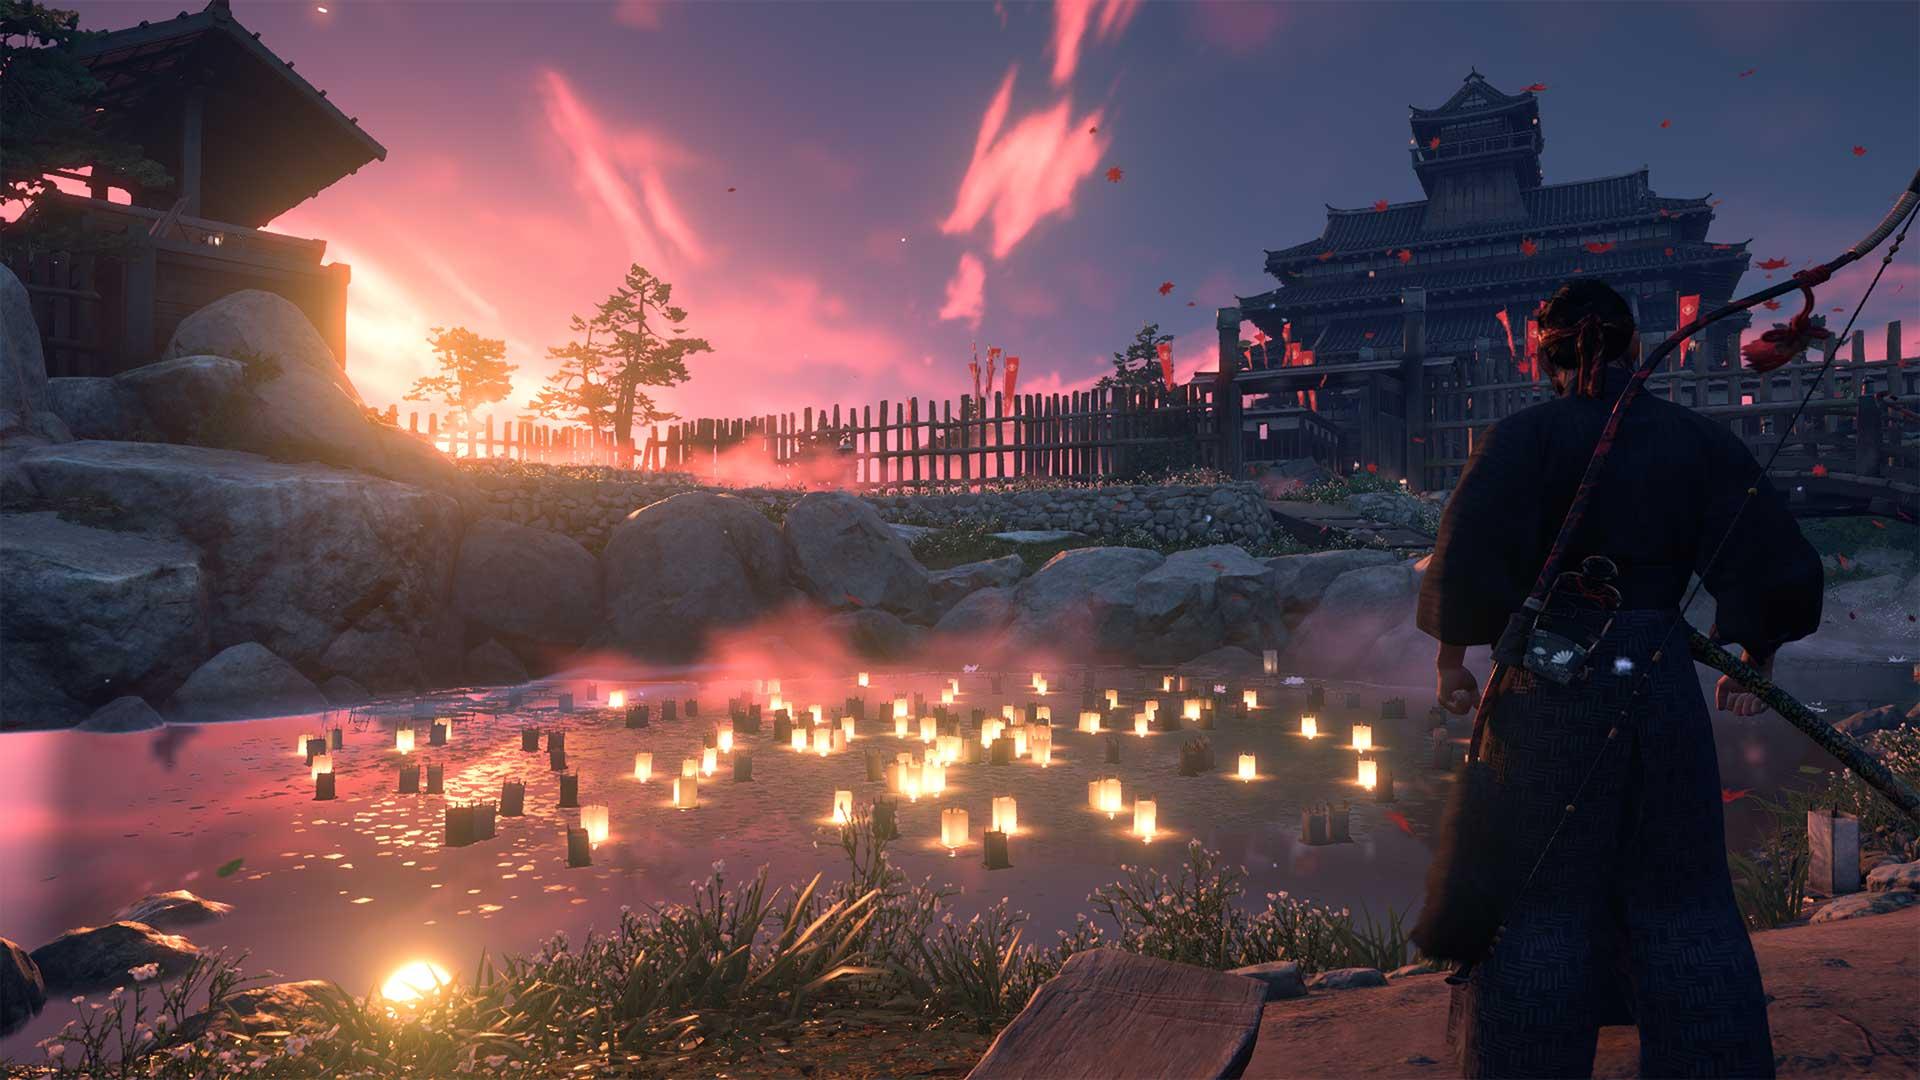 Руководство по игре Ghost Of Tsushima - Как завершить все мифические сказки